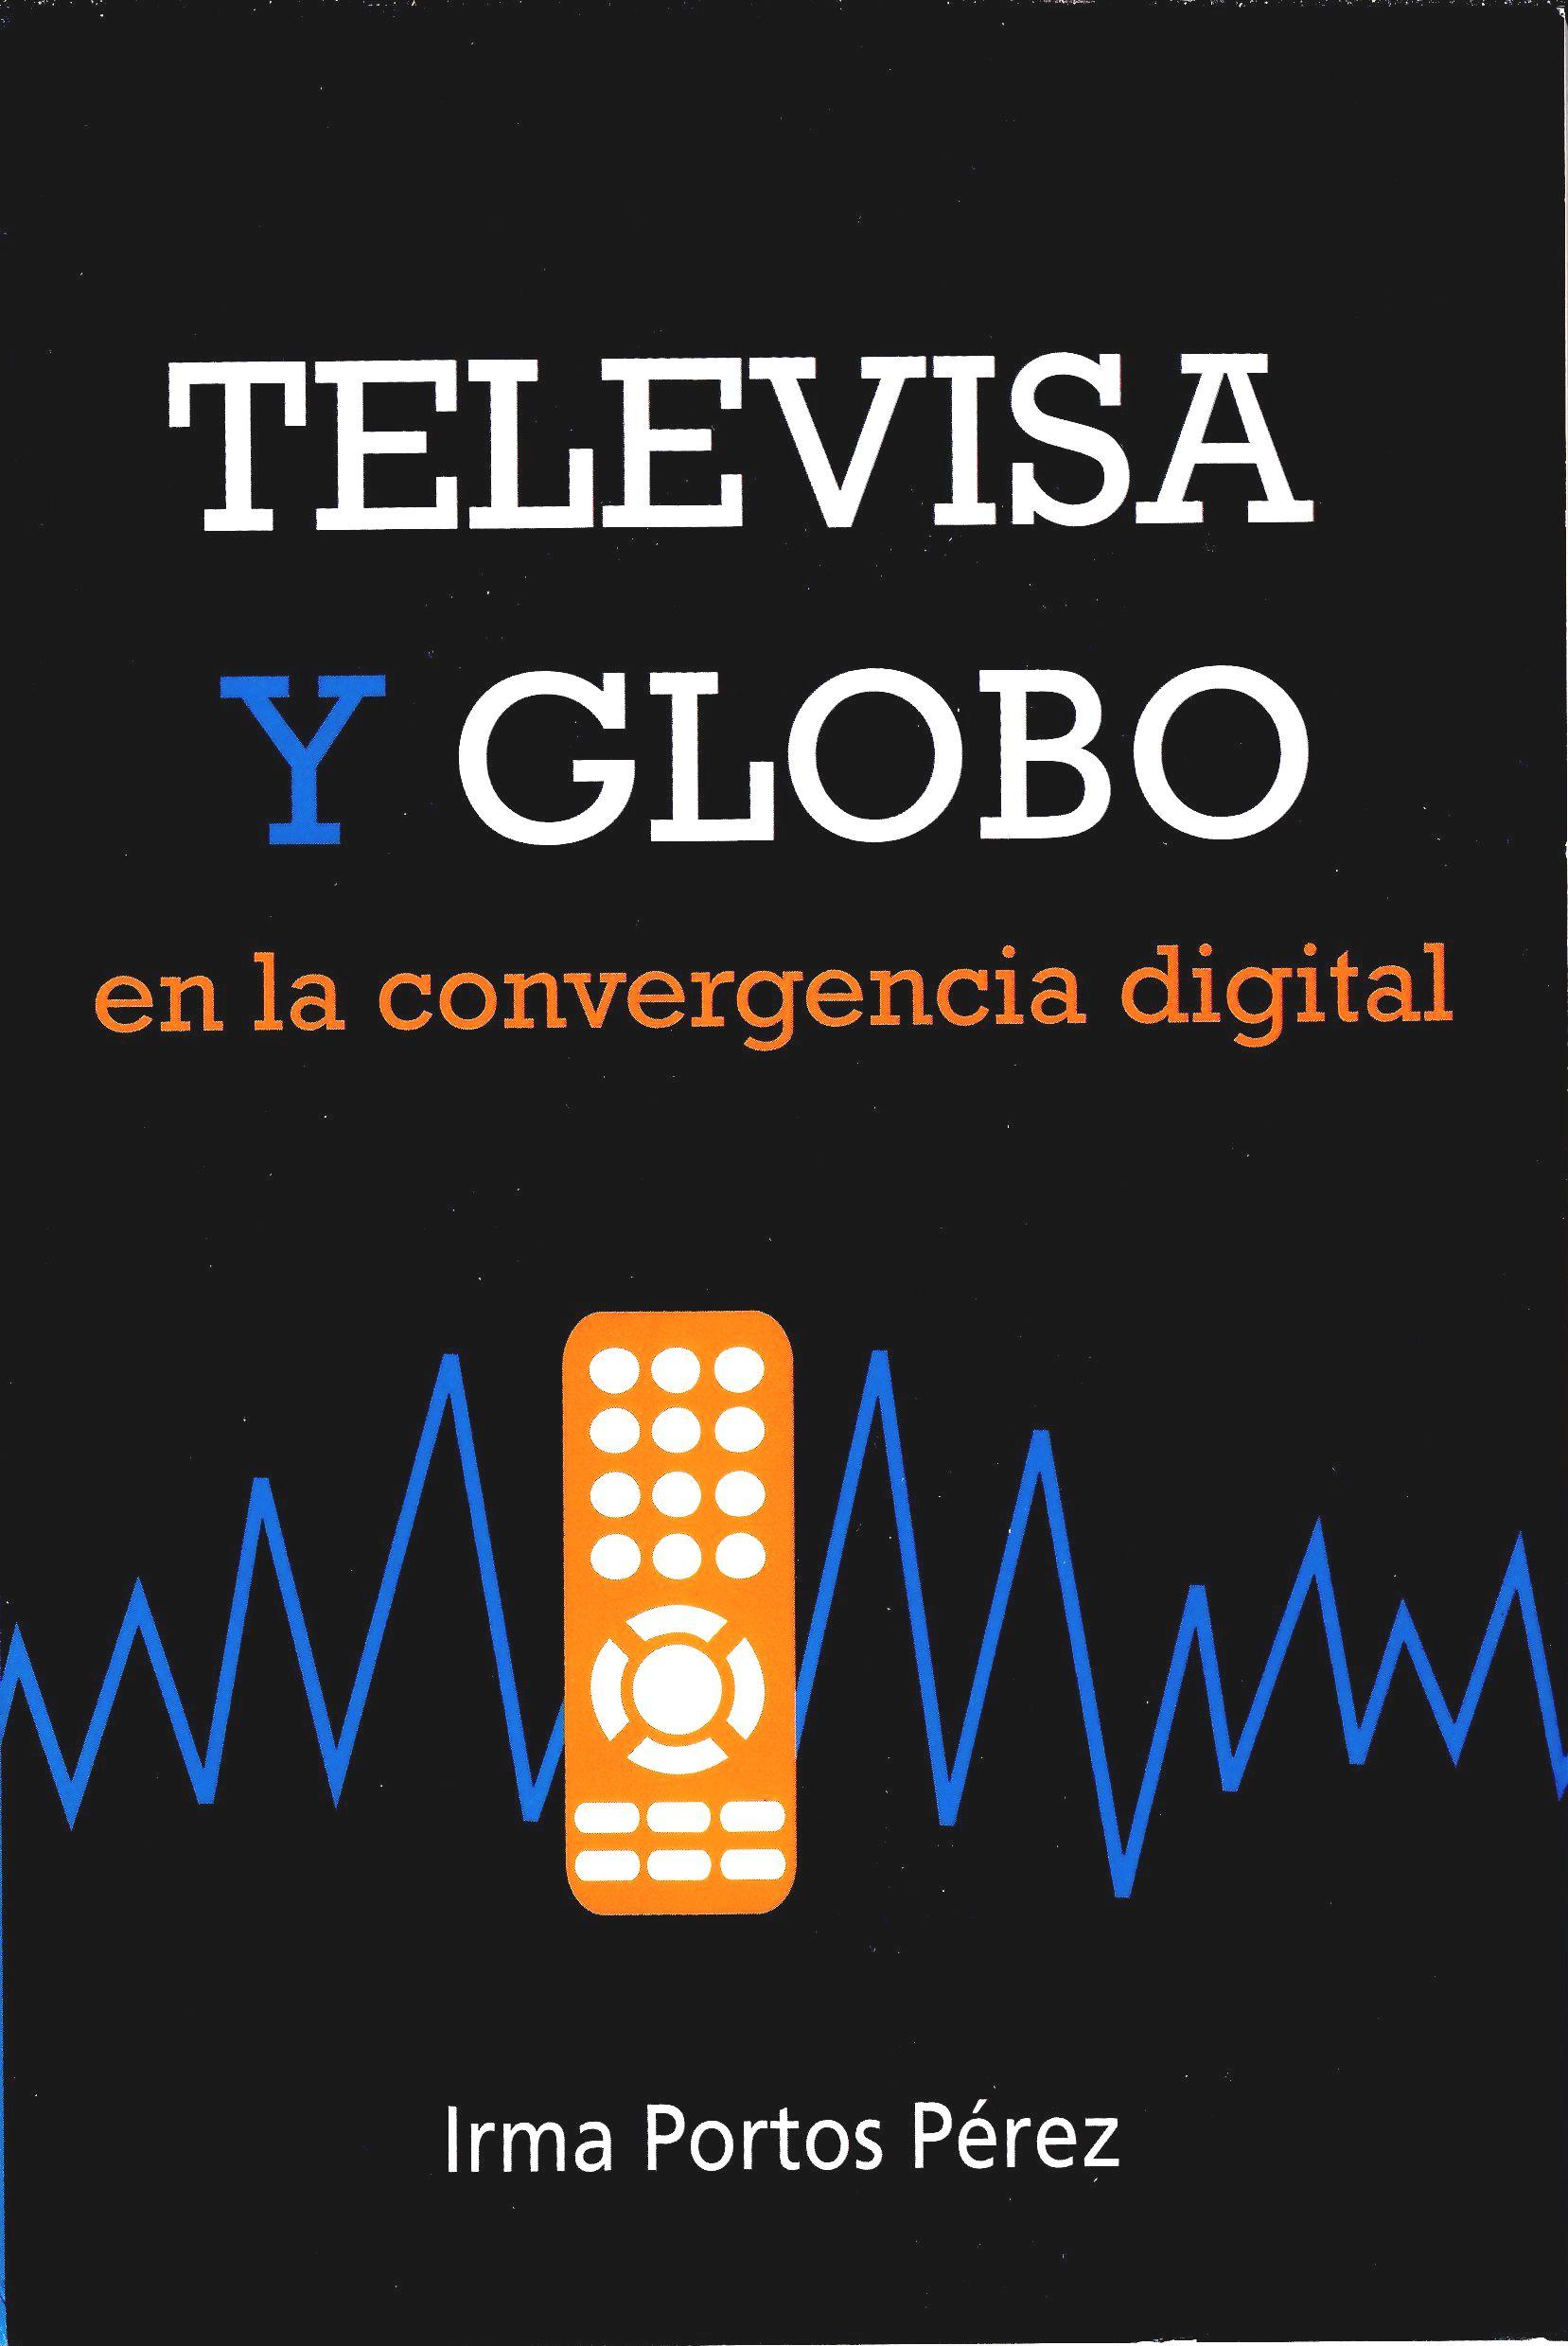 Televisa y Globo en la convergencia digital